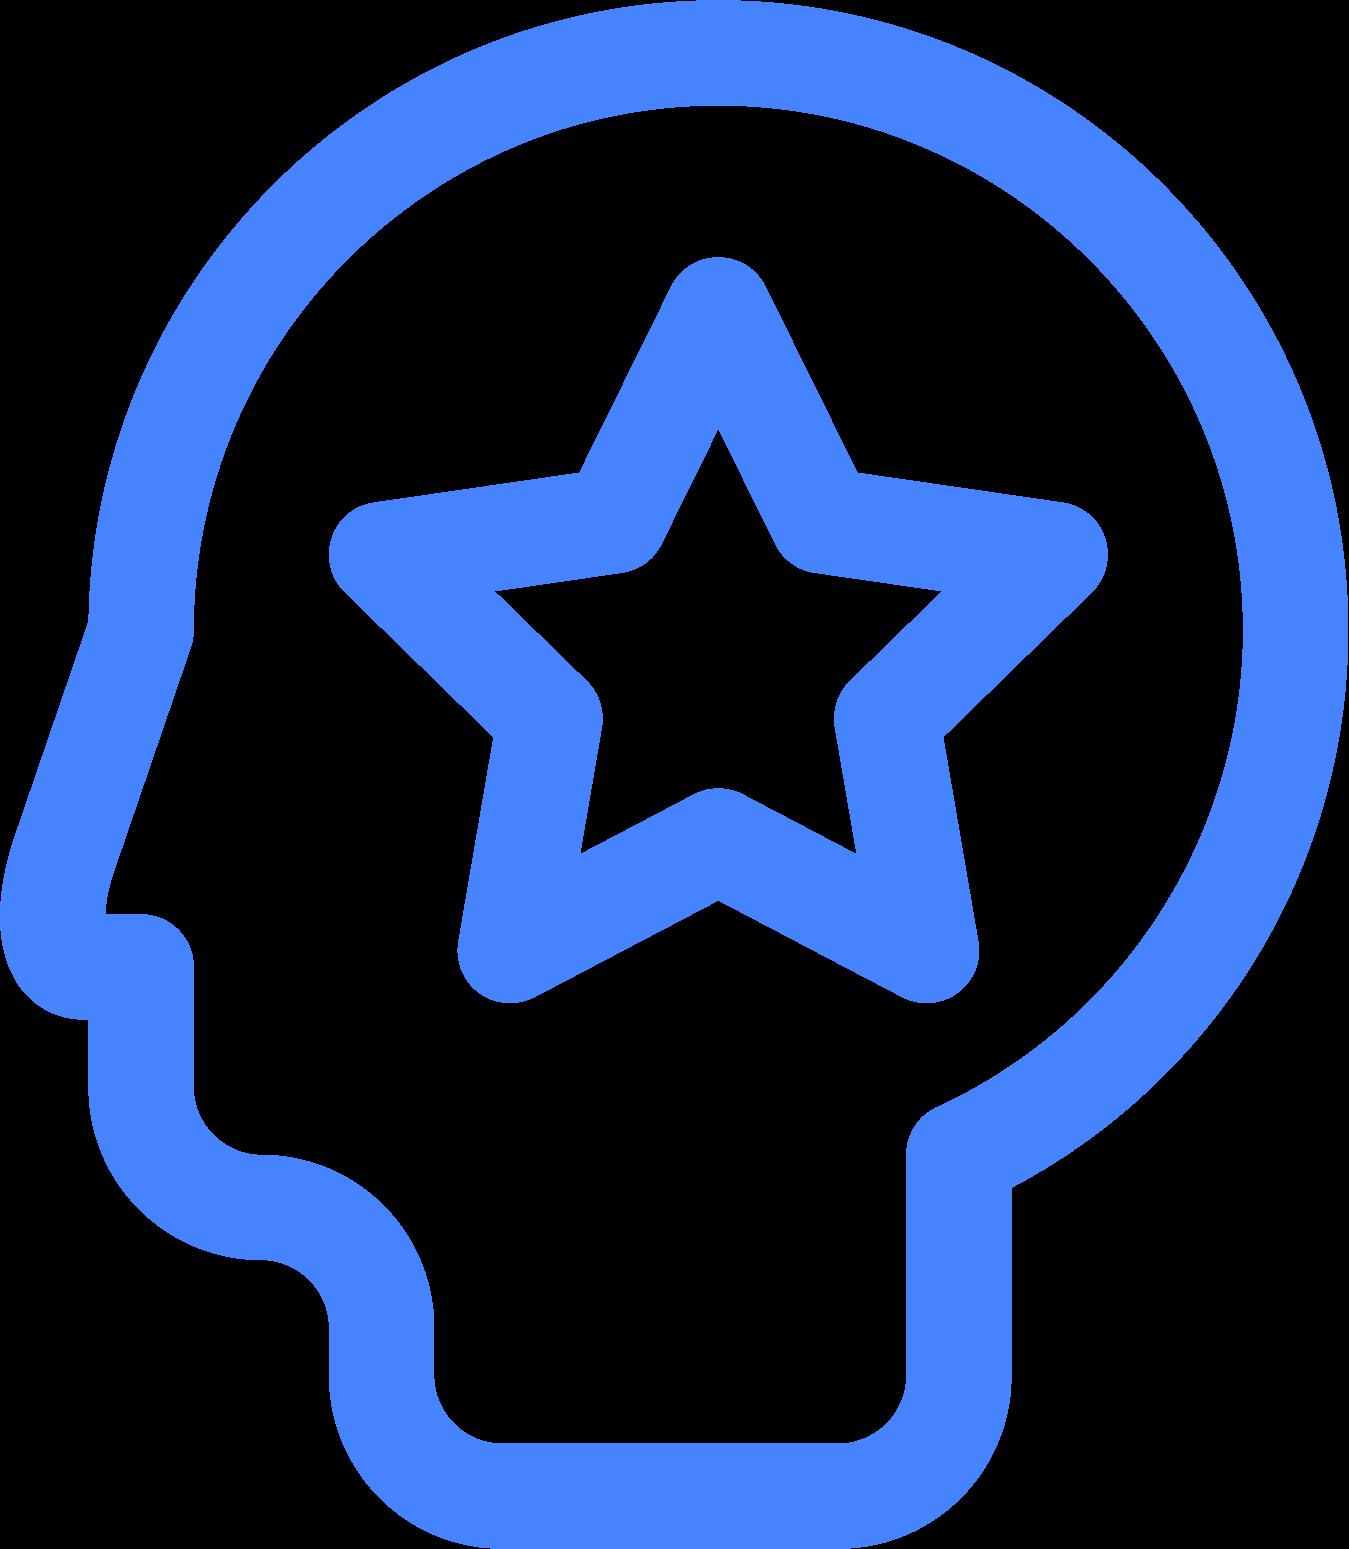 Expert_Blue